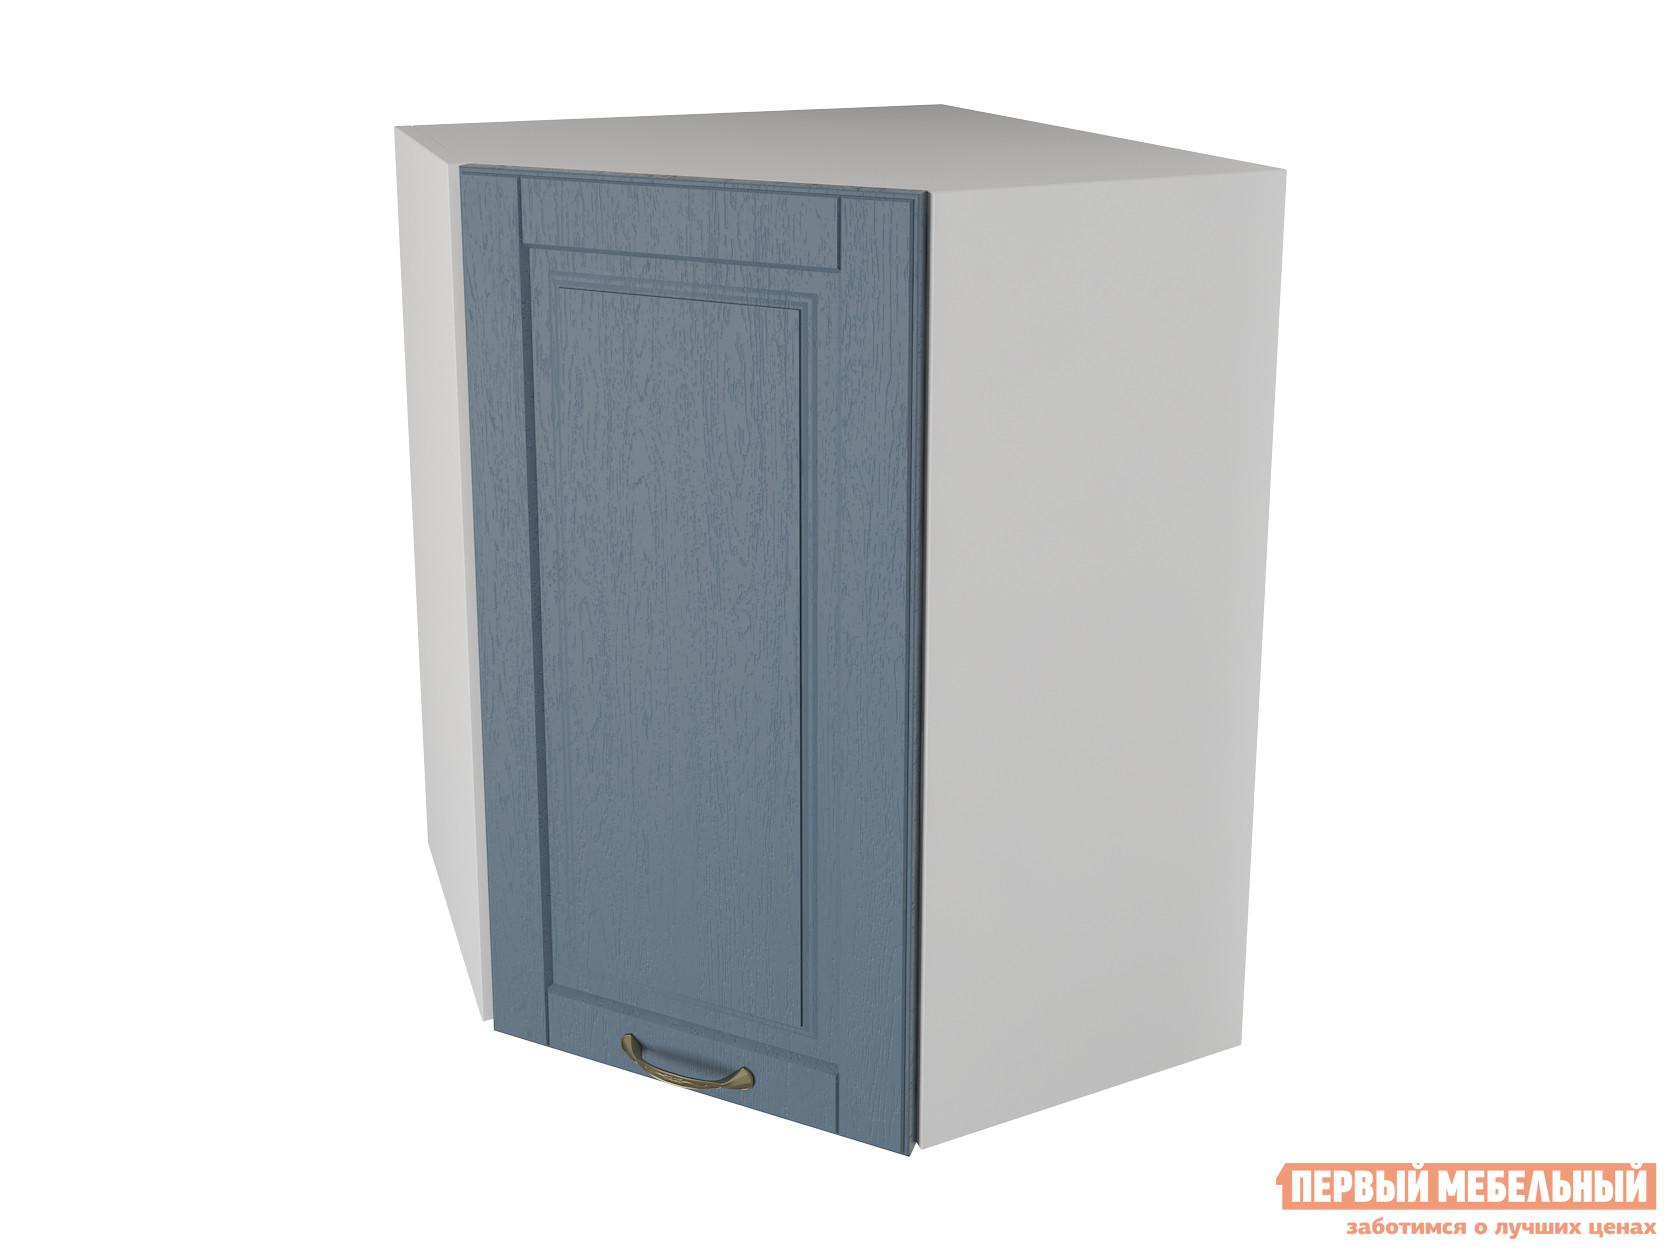 Кухонный модуль Первый Мебельный Шкаф угловой трапеция 1 дверь 55 см Палермо